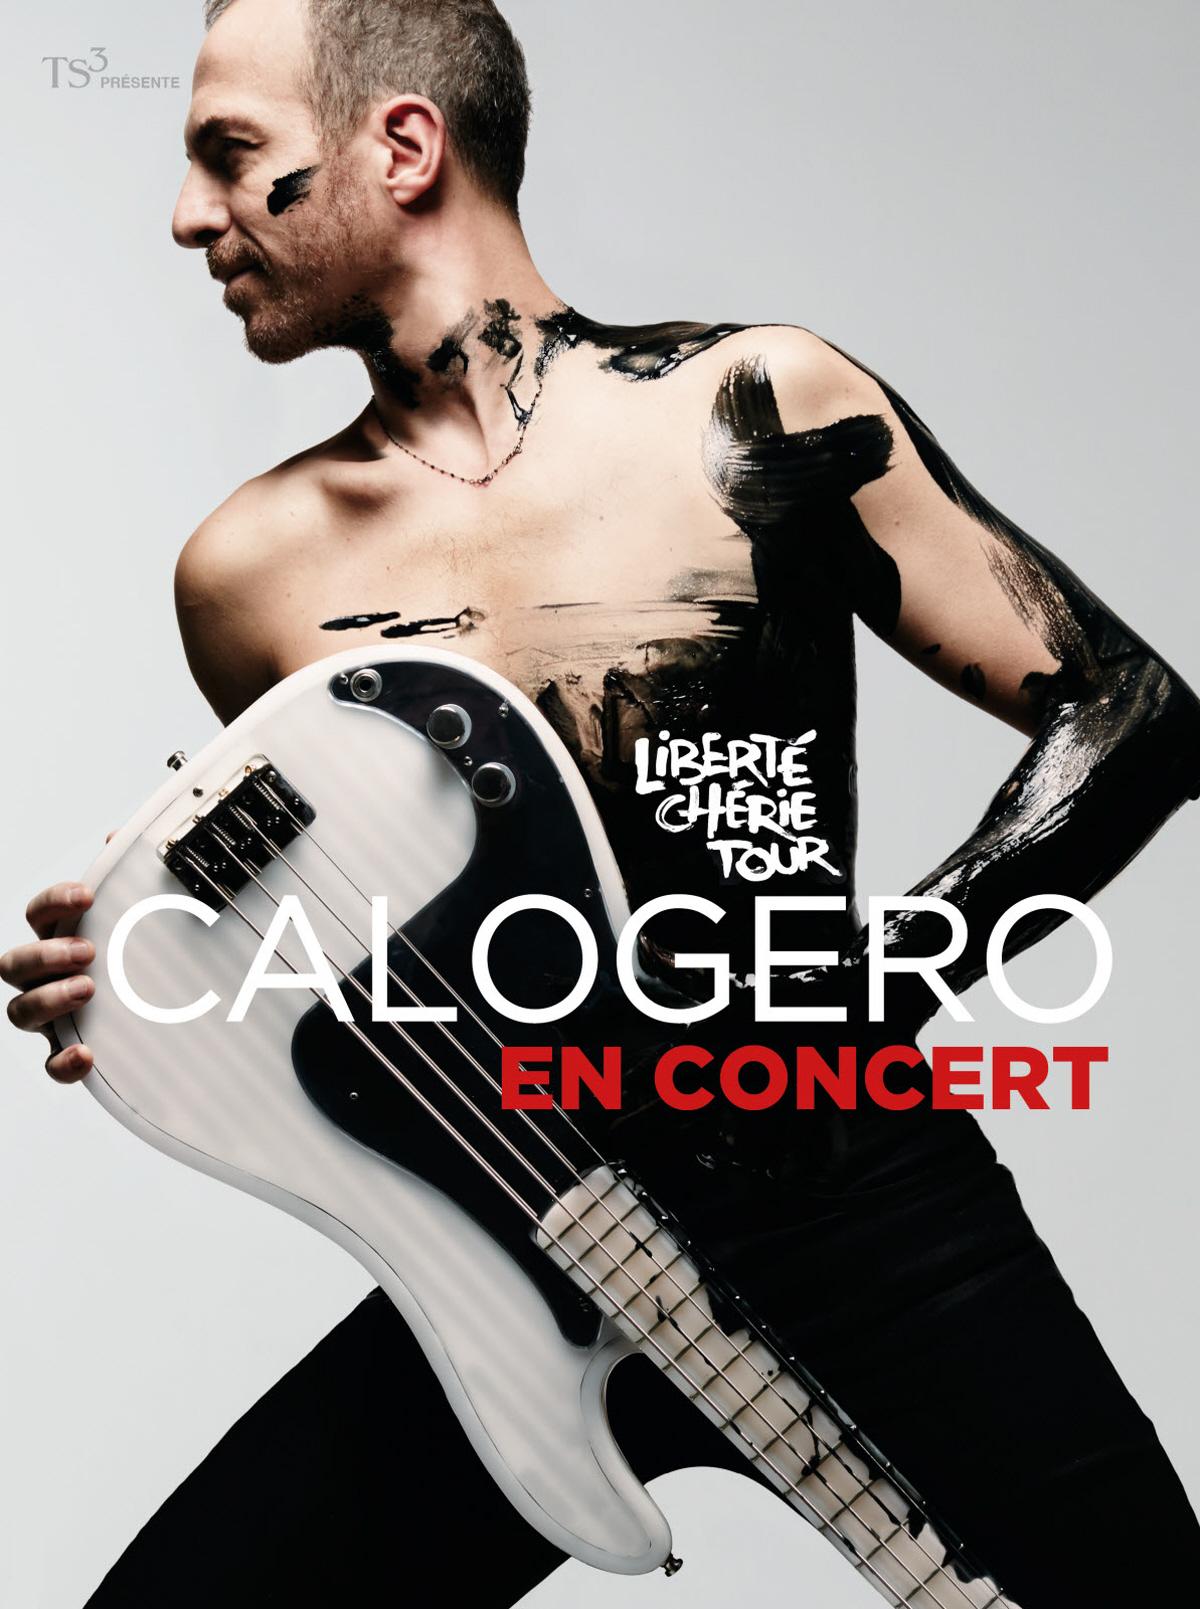 Affiche de la tournée de Calogero Liberté Chérie Tour 2018/2019